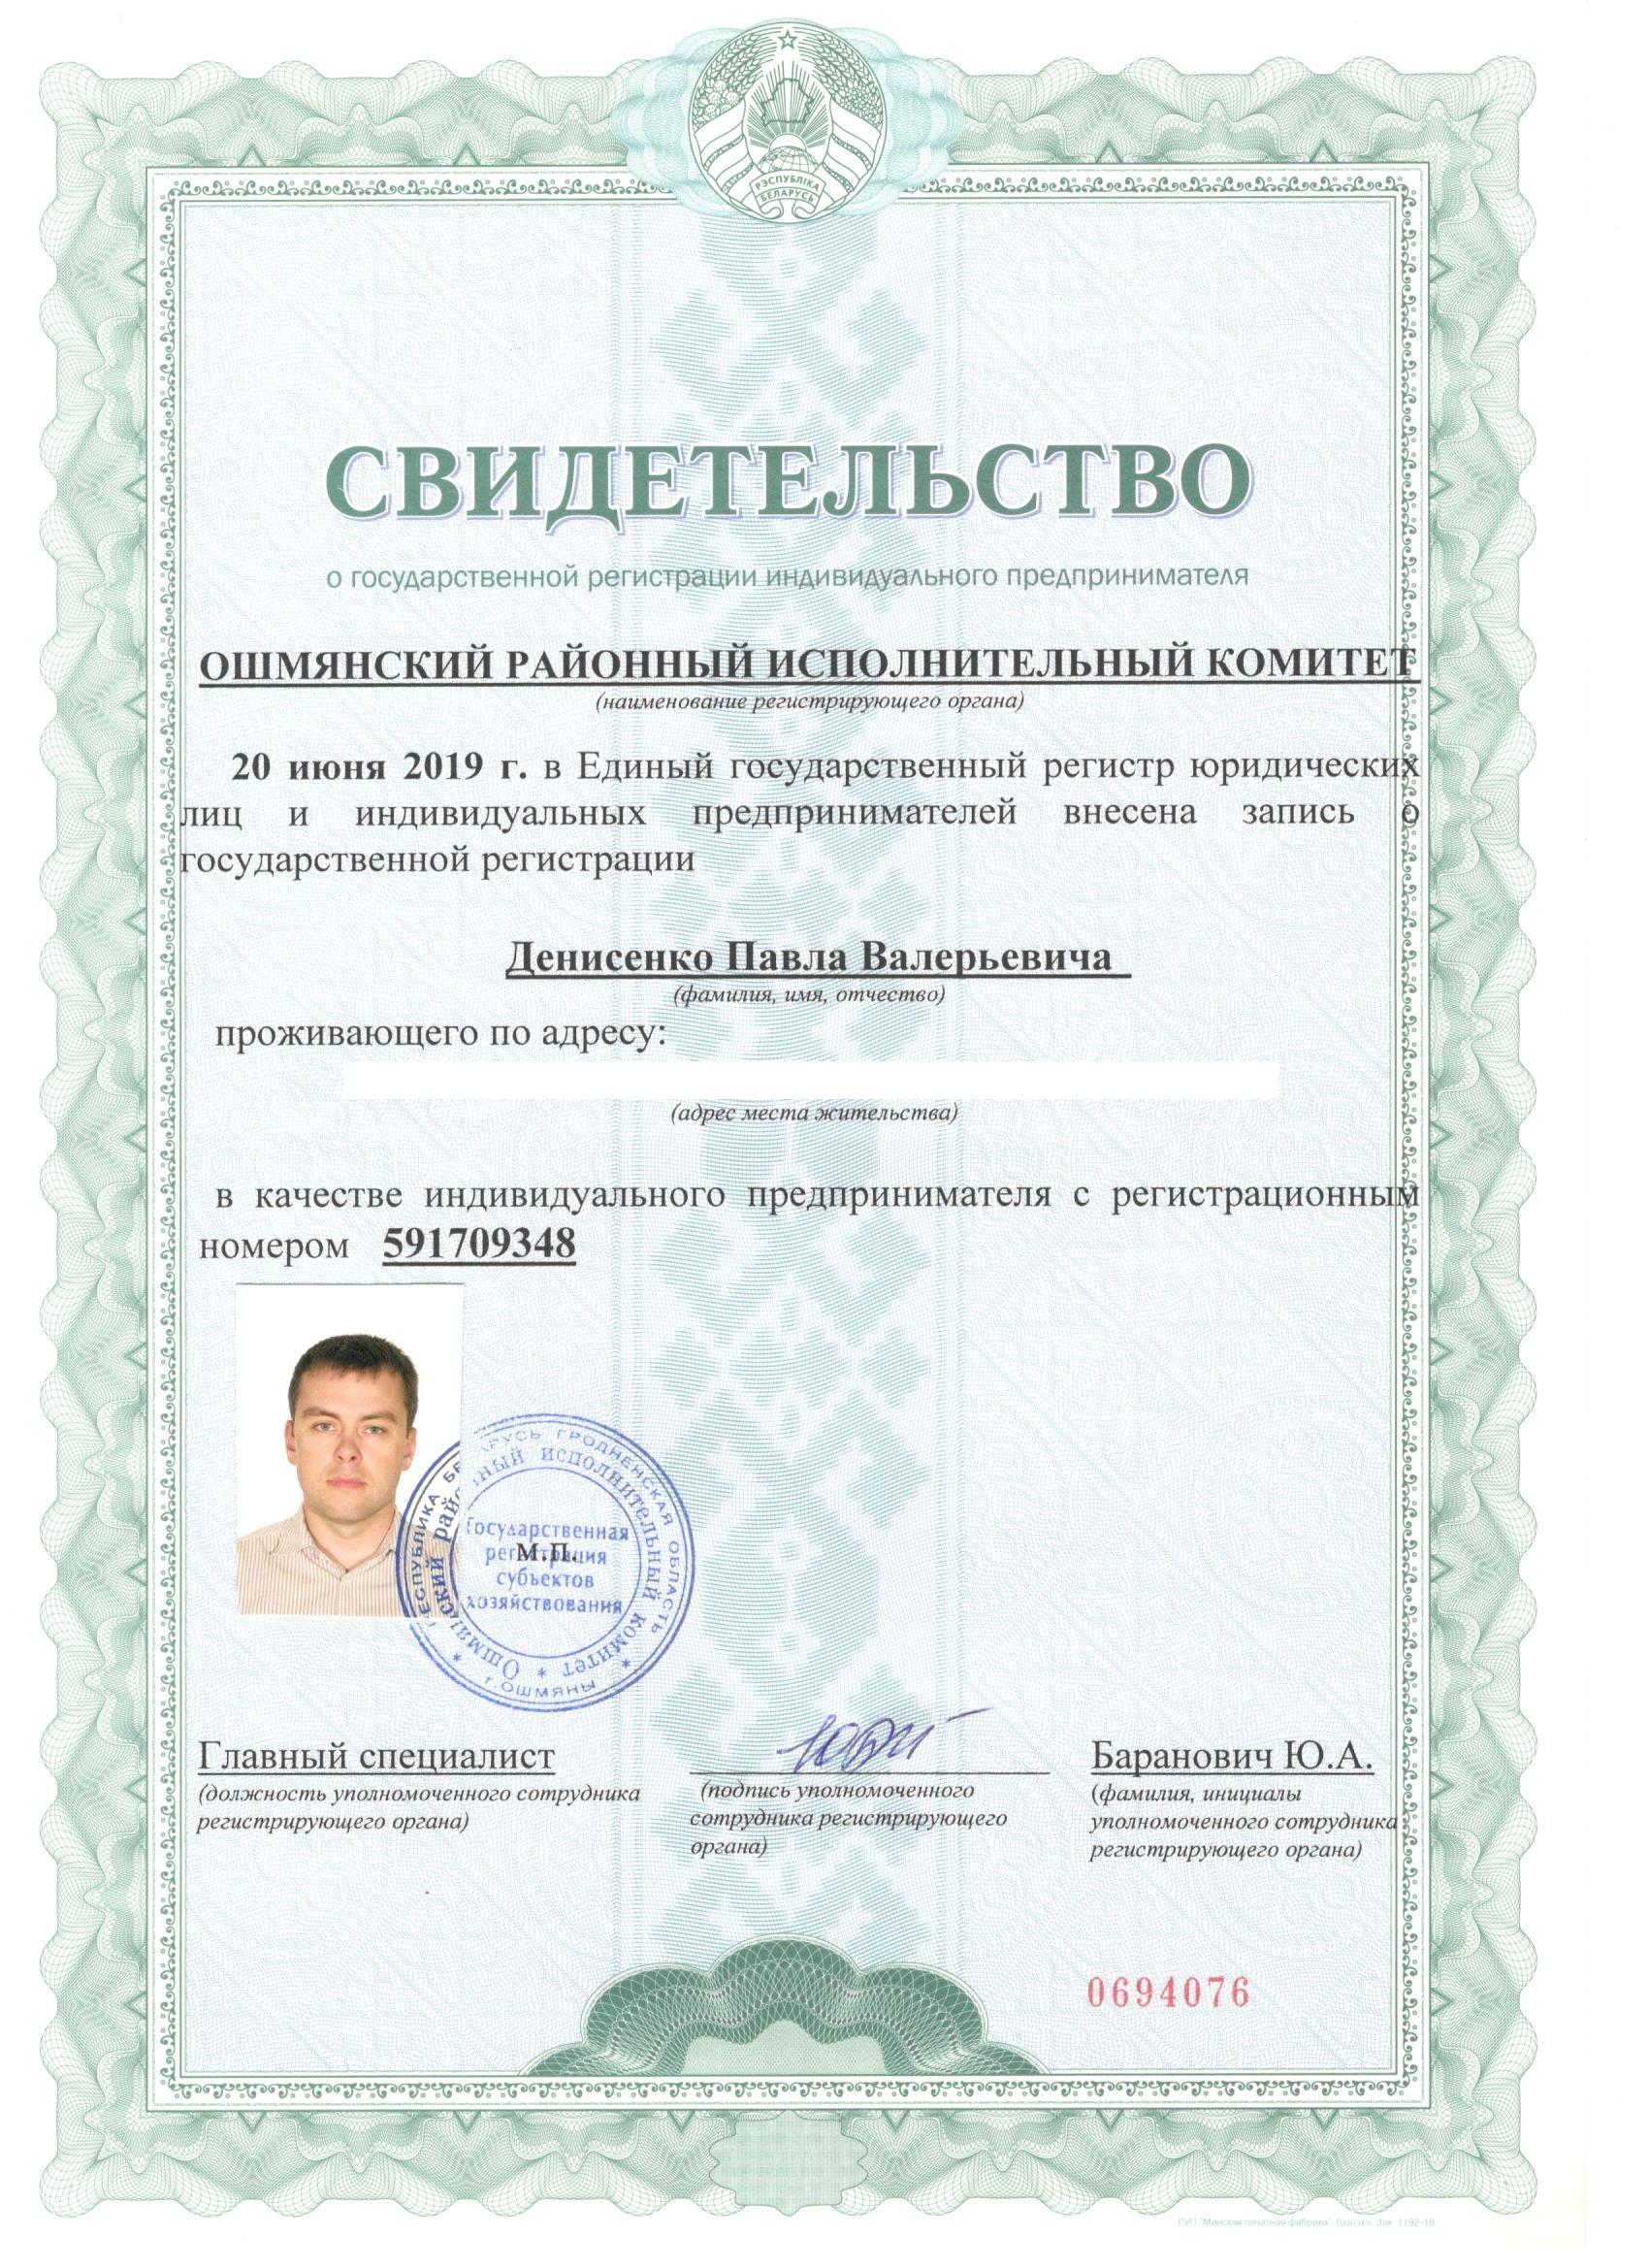 Свидетельство о регистрации. Денисенко Павел Валерьевич